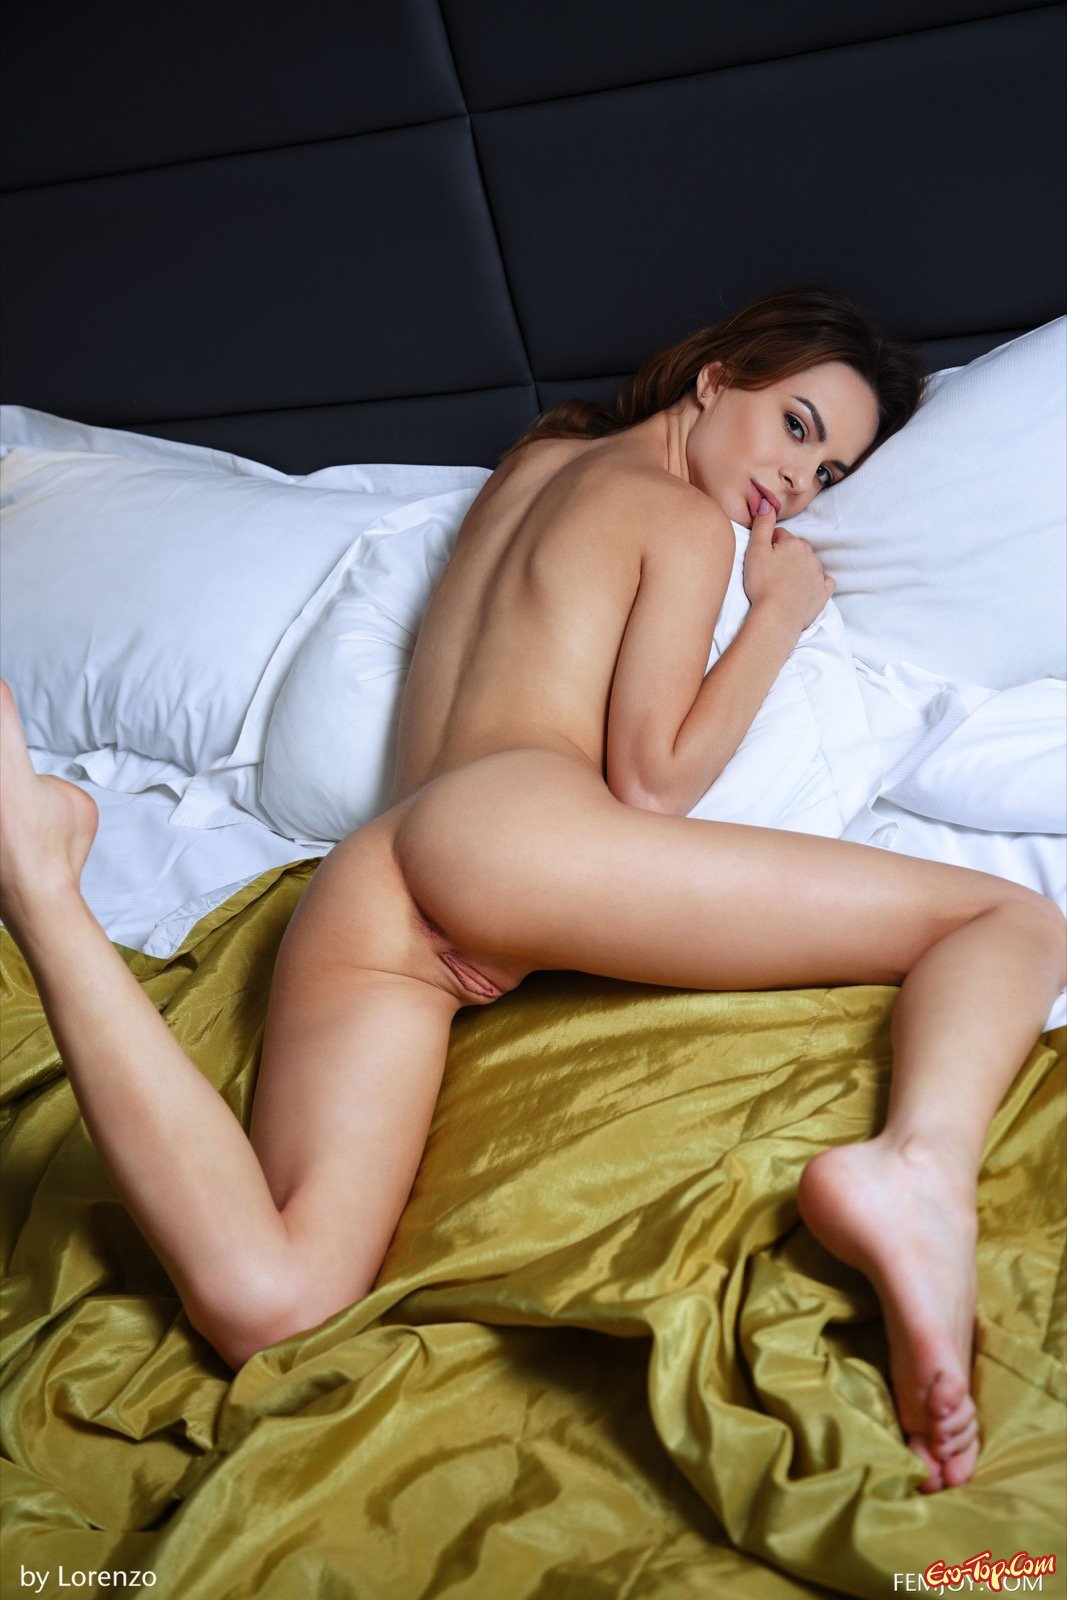 Голая девушка с красивыми глазами позирует в постели